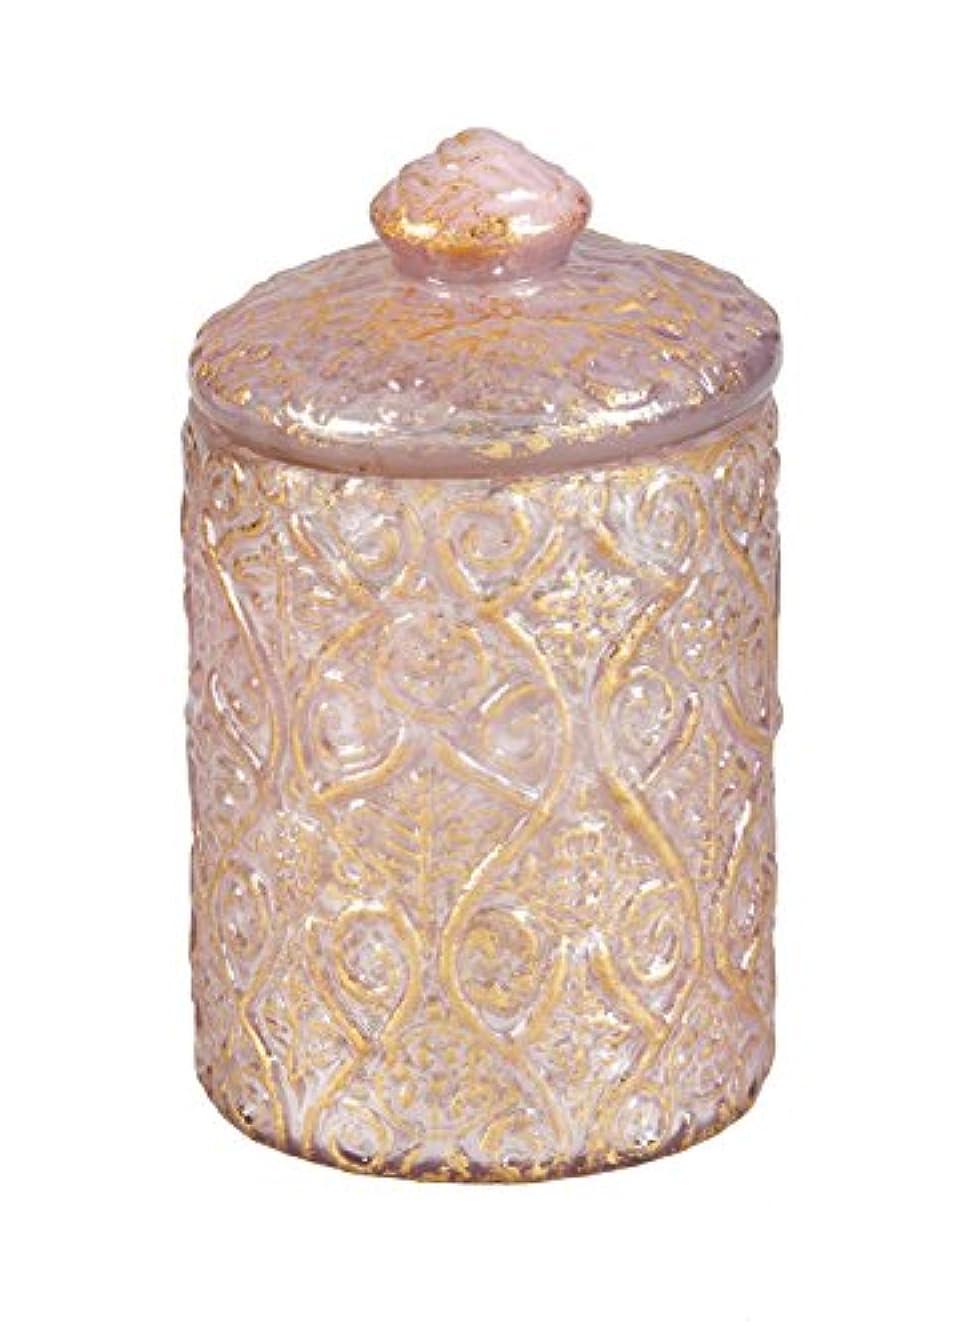 占めるメロン撃退するB. Boutique English Rose Pink and Gold Foil Embossed Jar Candle